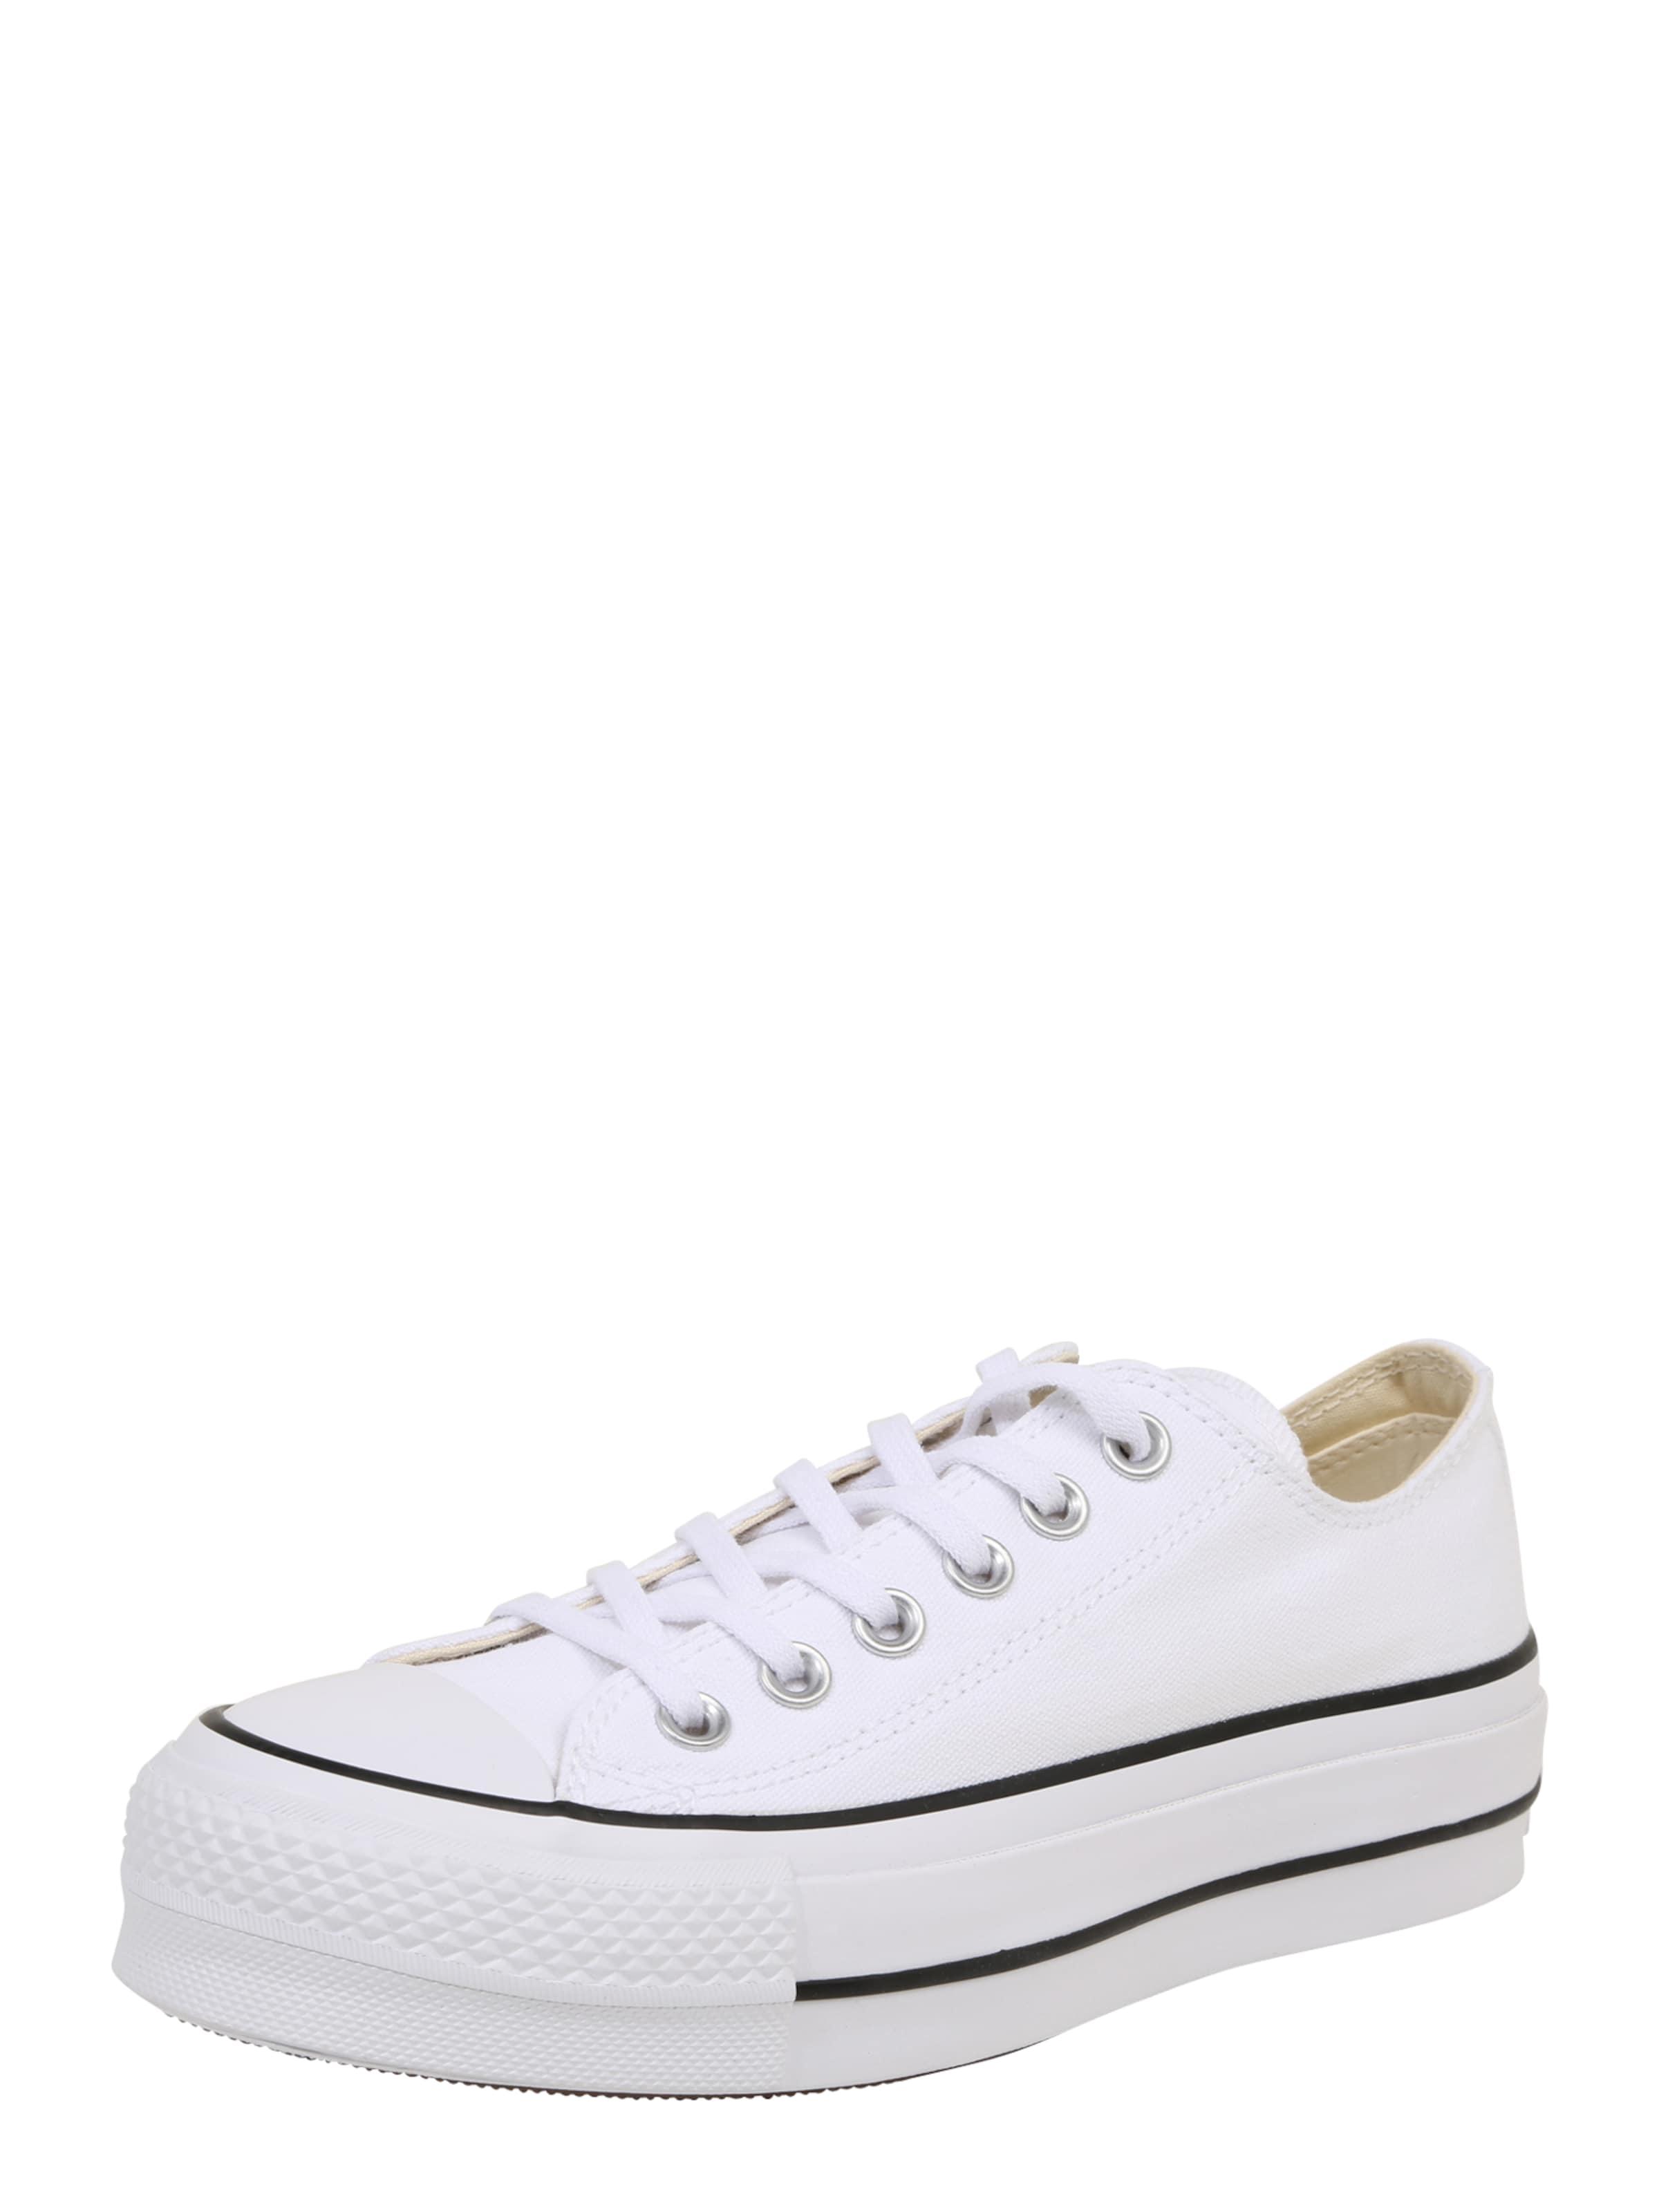 Haltbare CONVERSE Mode billige Schuhe CONVERSE Haltbare | Plateau-Sneaker 'Lift Ox' Schuhe Gut getragene Schuhe 6a0c18